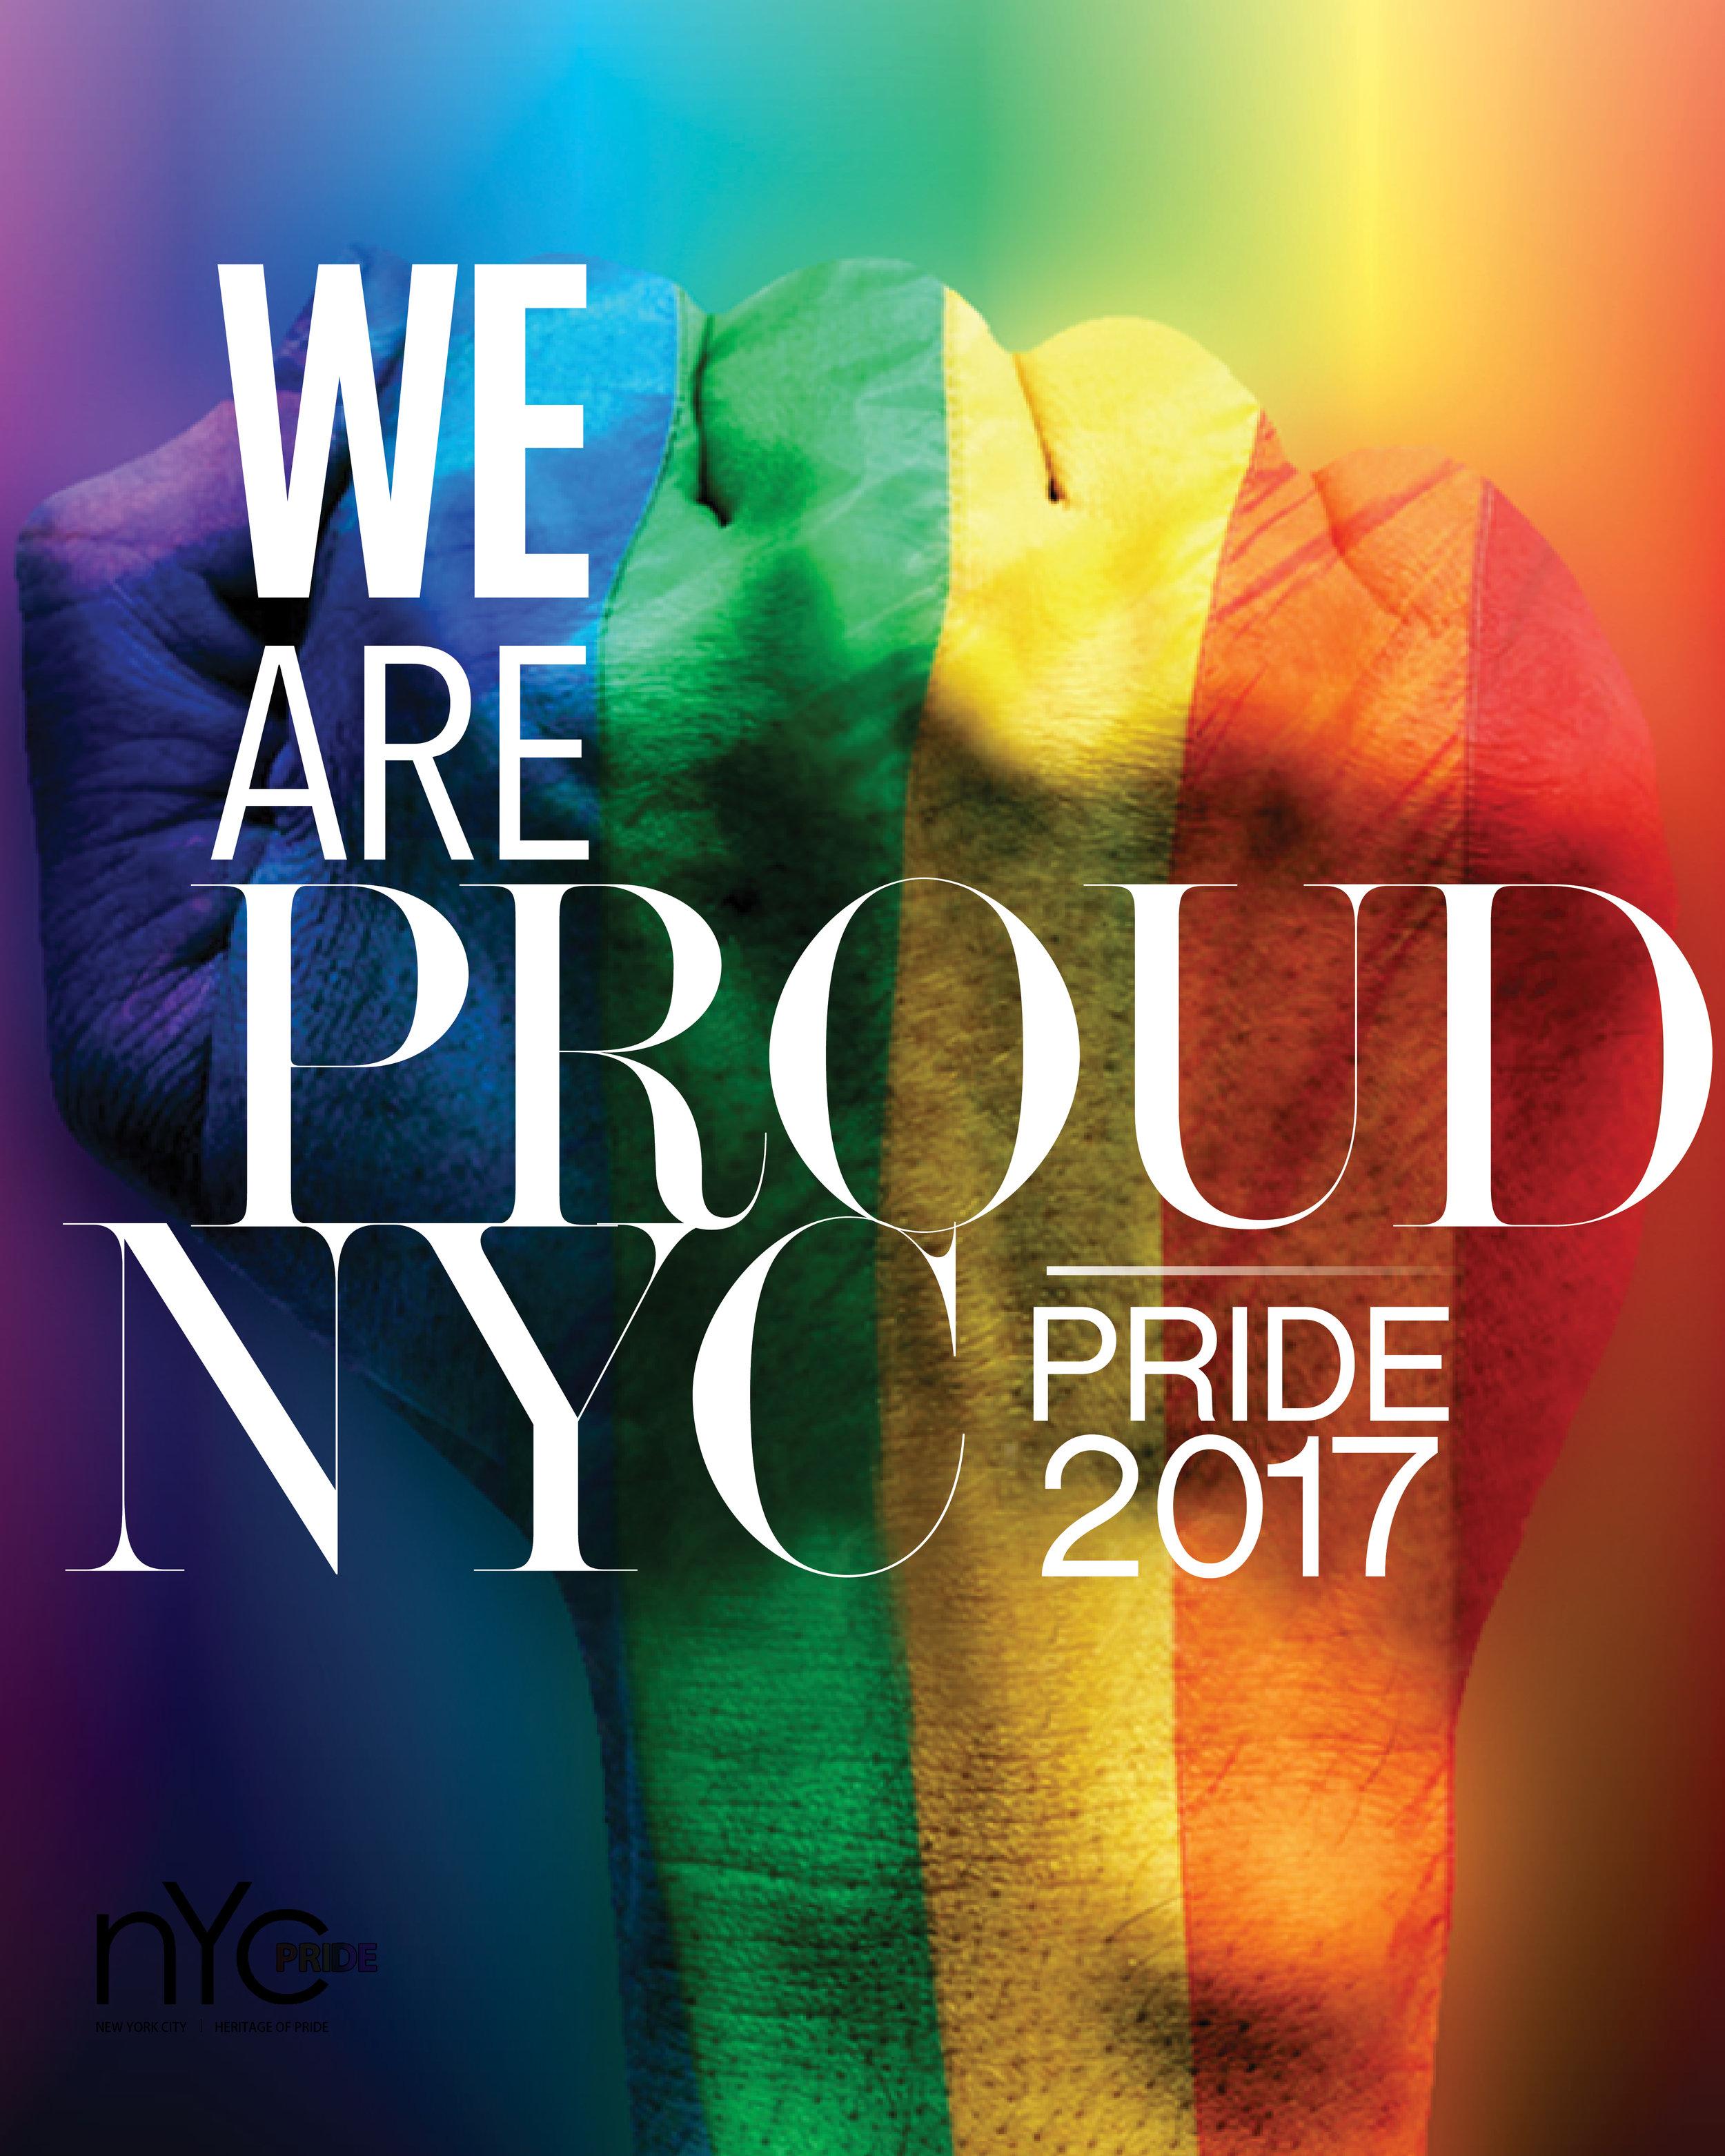 NYC PRIDE 2017posters2.jpg